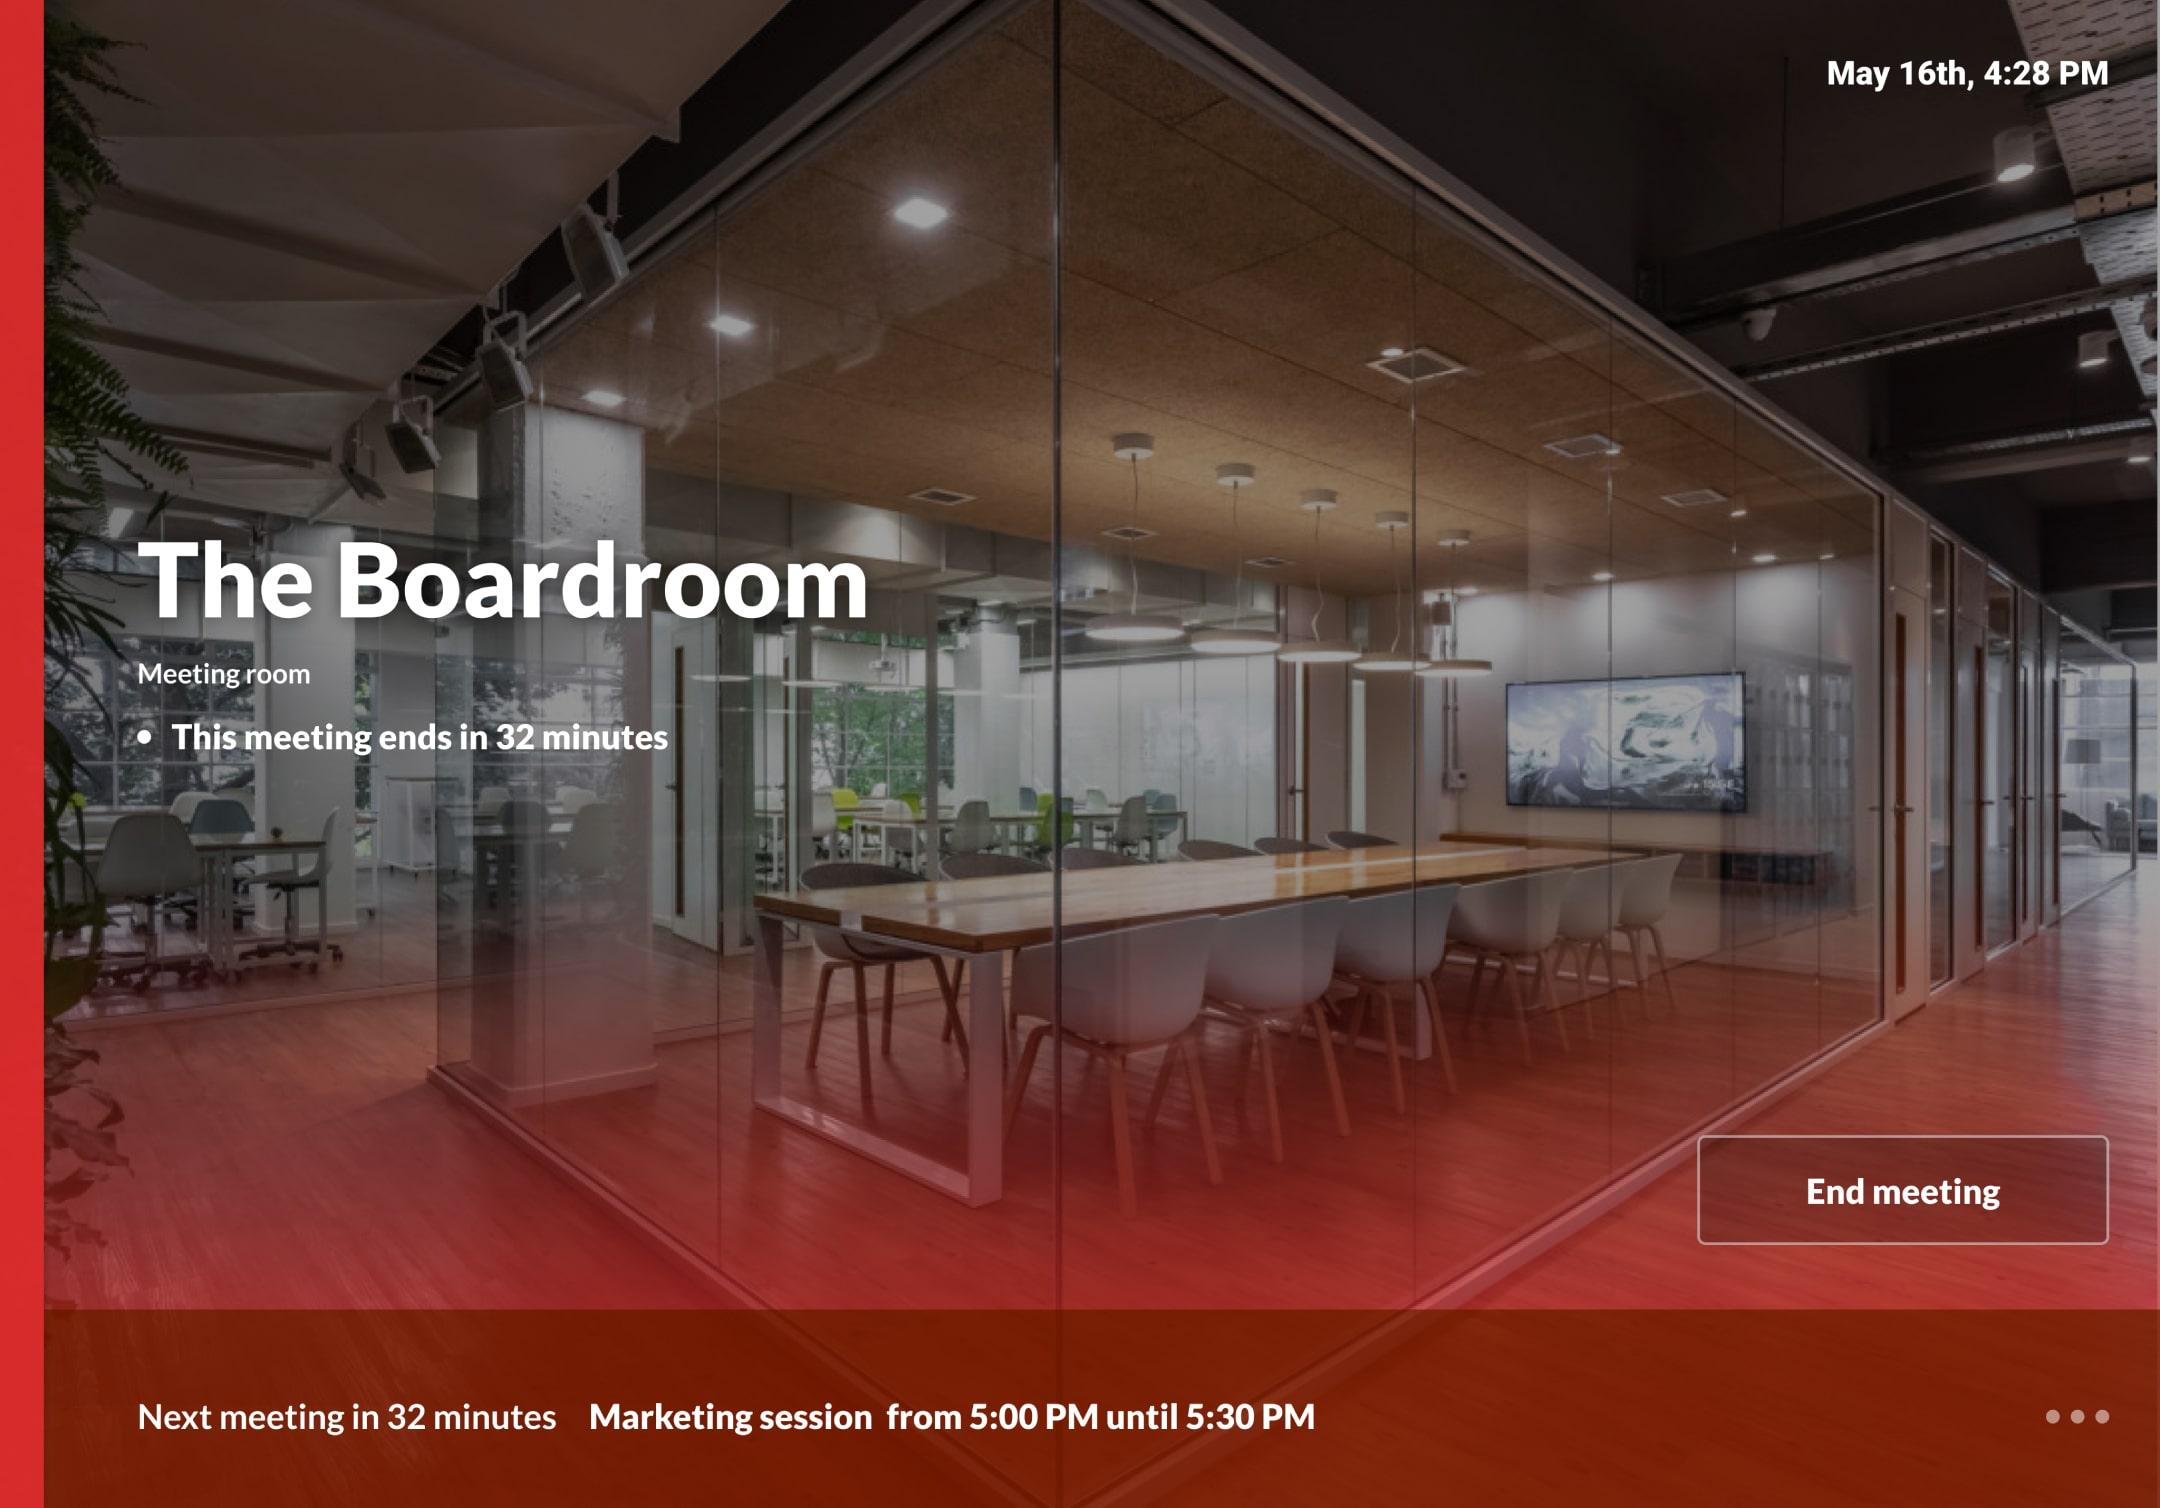 Bisner Meeting Room Display